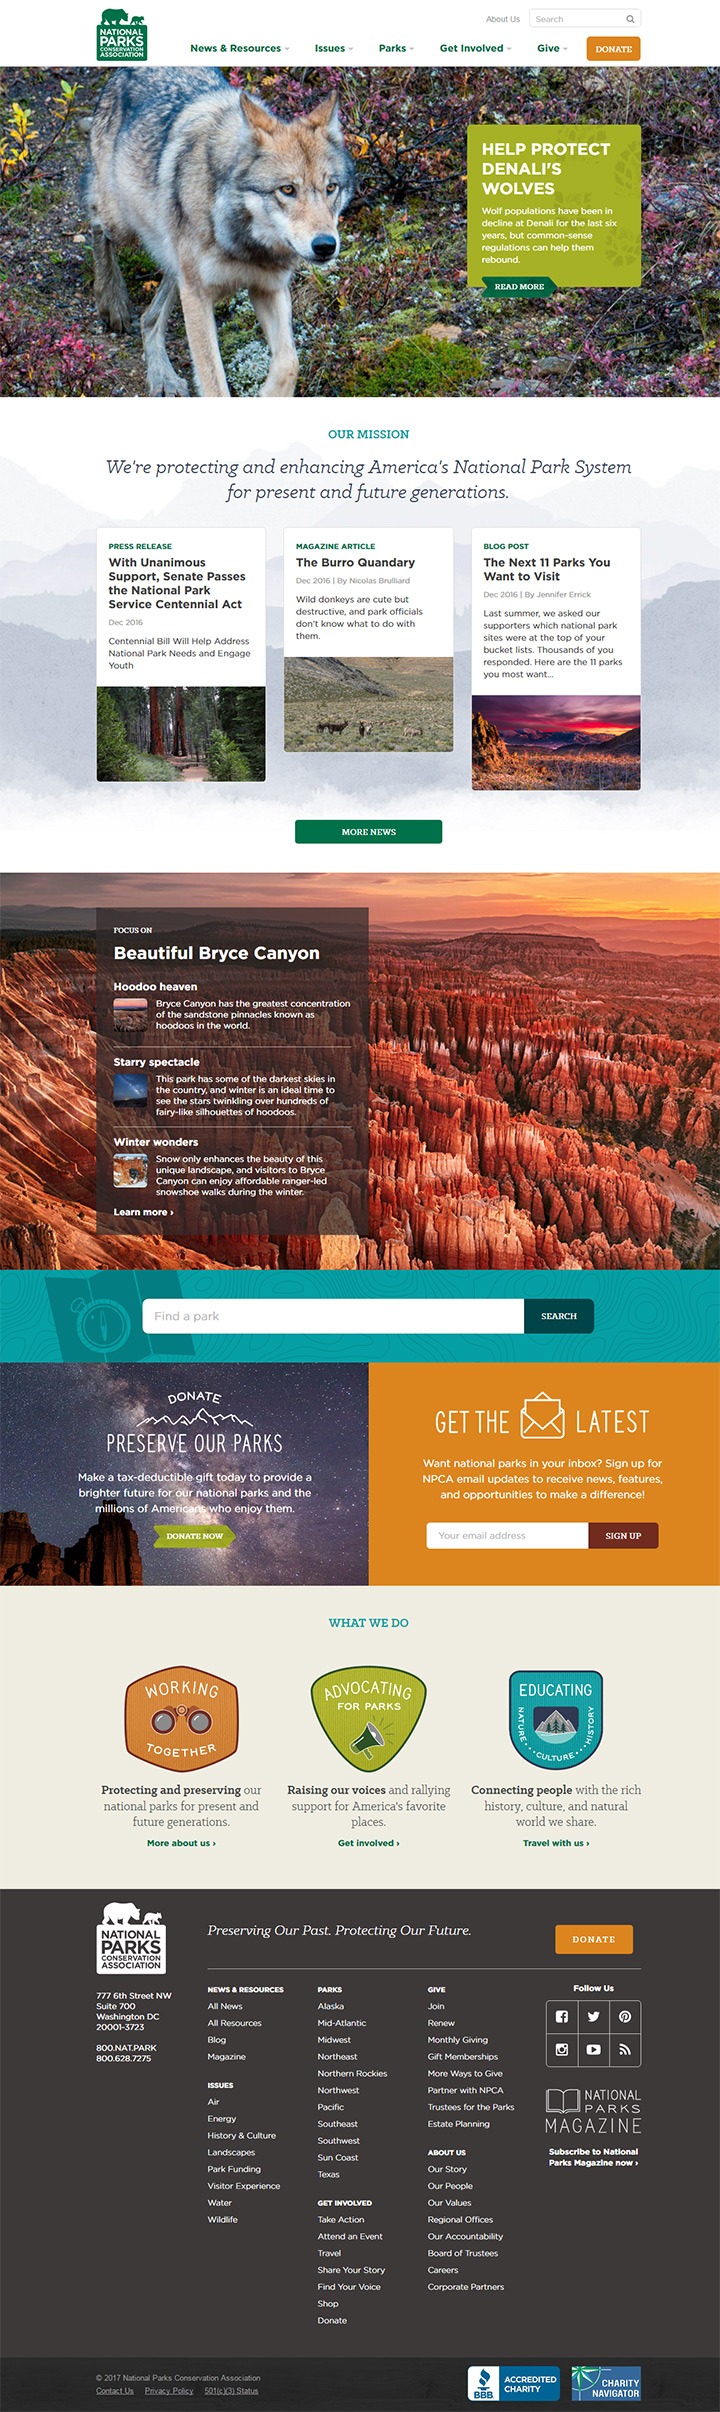 national parks conservation